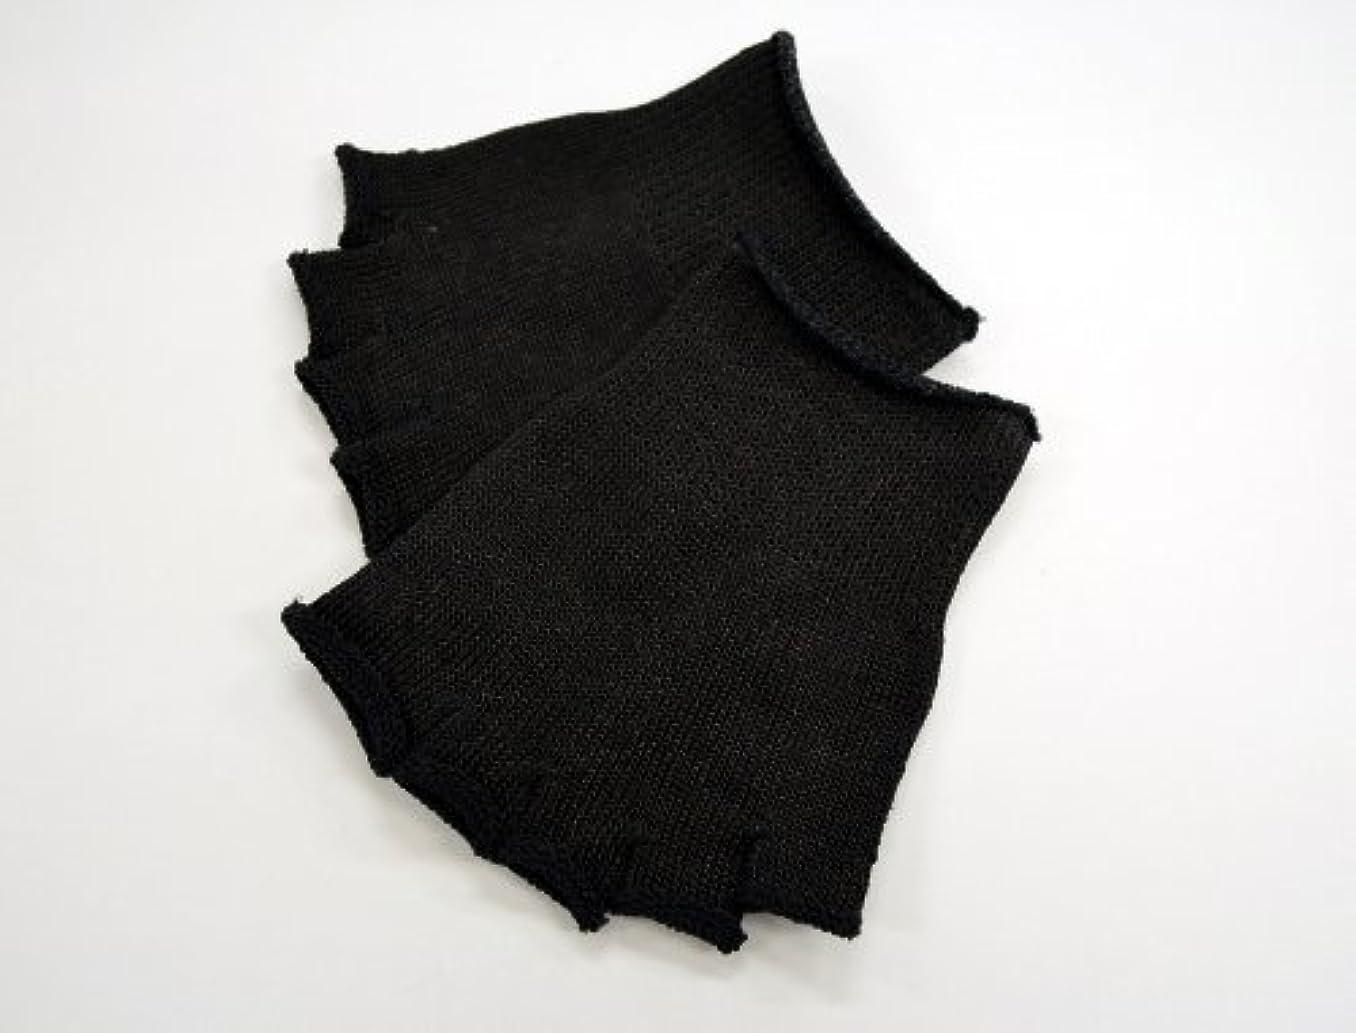 リットルシリアルマウントバンク銅繊維におわなソックス